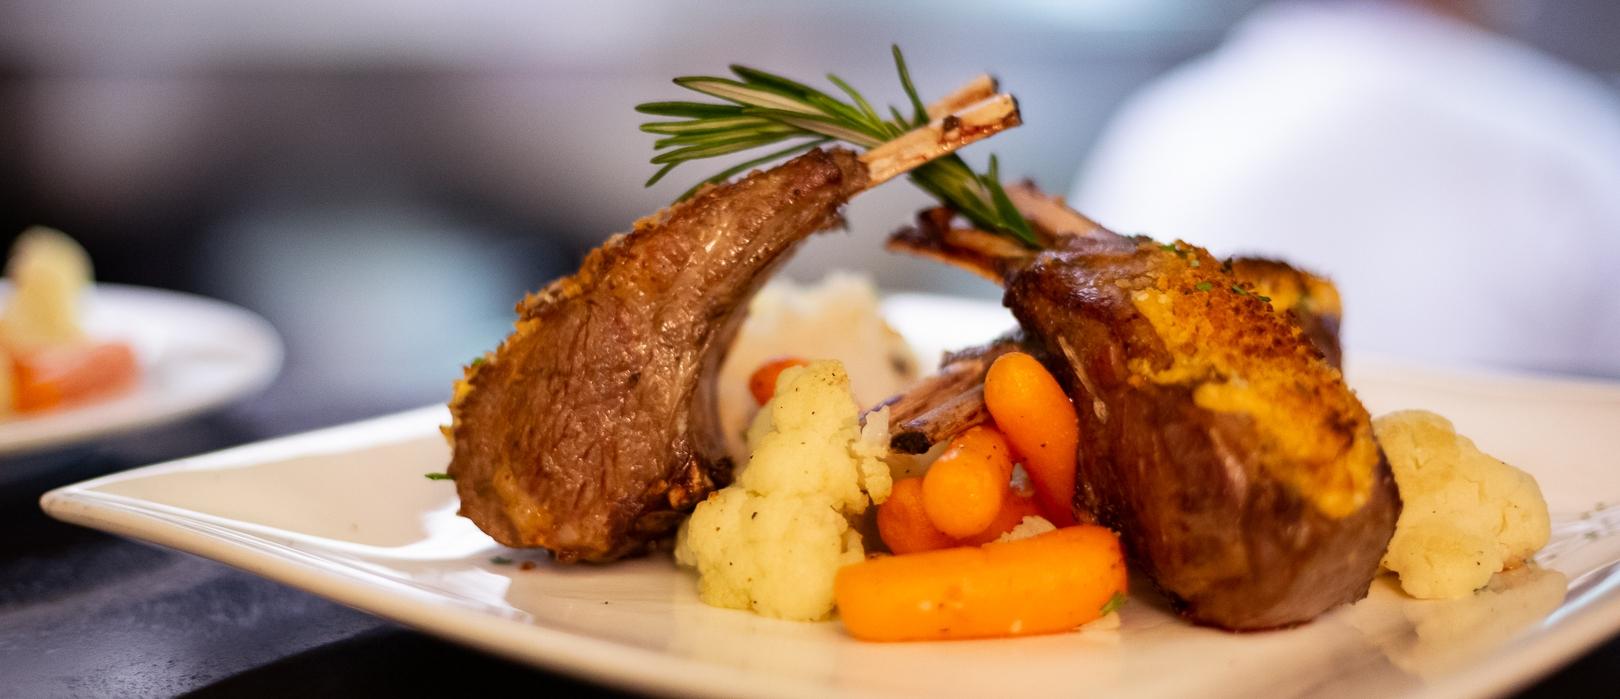 Fiore di Mare - NYC Italian Restaurant - Lamb Chop.jpg